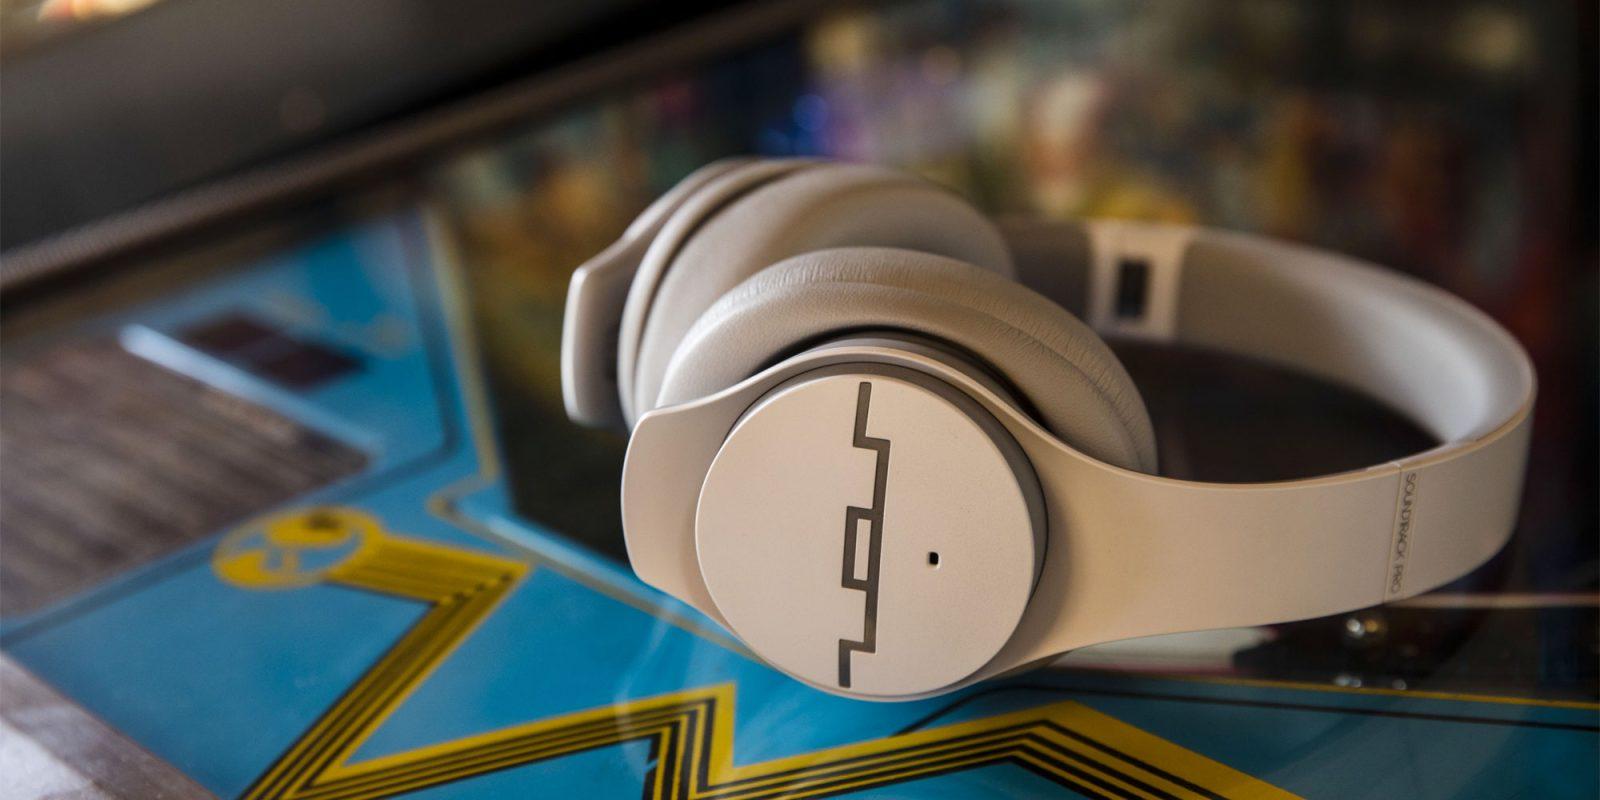 Melhores fones de ouvido com cancelamento de ruído baratos: Sol Republic Soundtrack Pro ANC Headphones